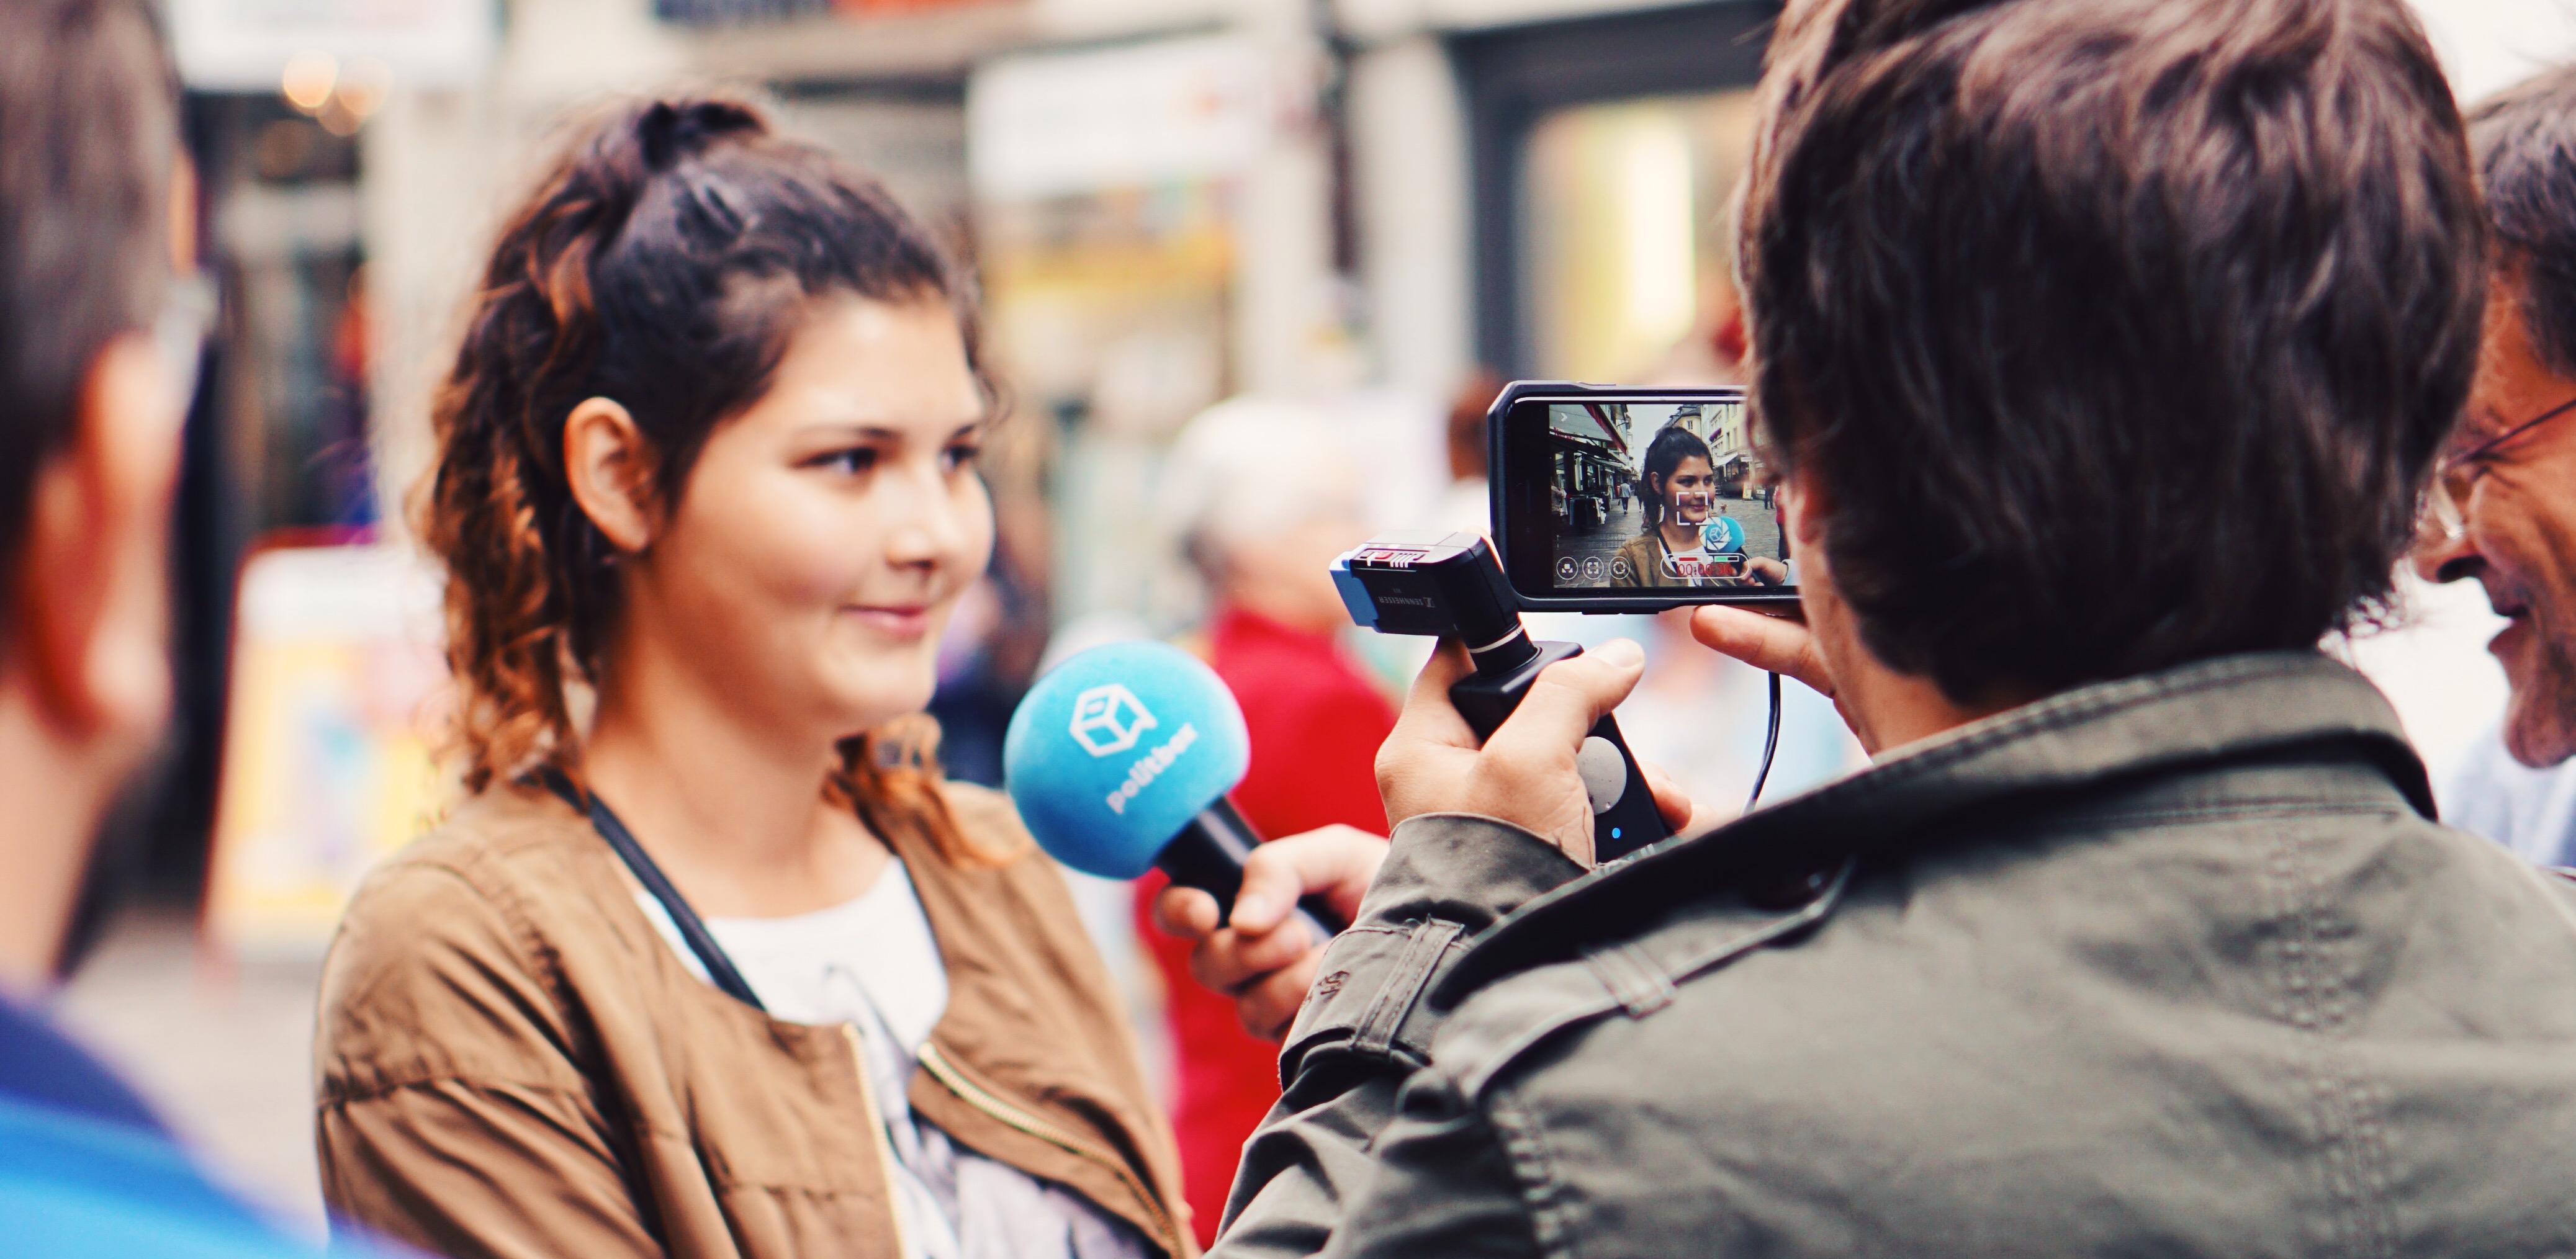 Mobil unterwegs: Auch beim Dreh und in der Nachproduktion arbeiten politbox-Redaktoren mit iPhones.